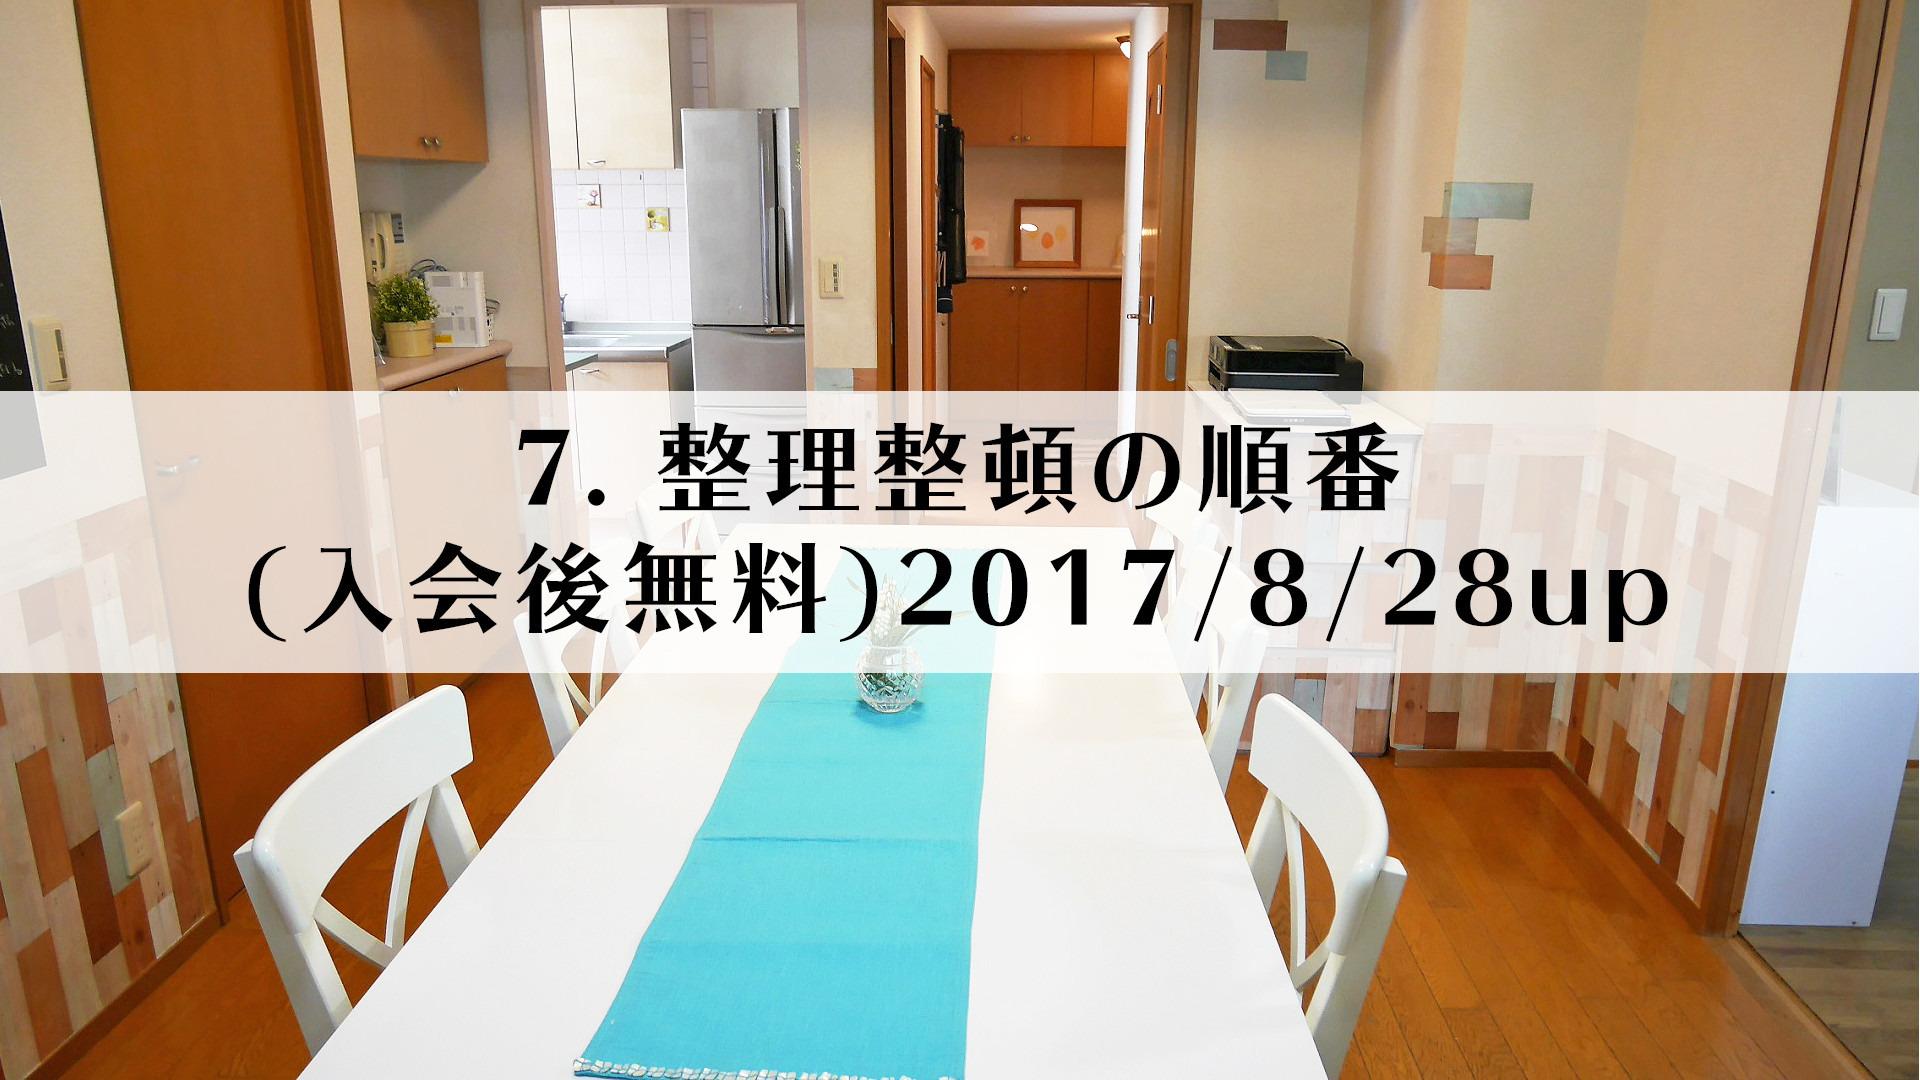 7.整理整頓の順番(入会後無料)2017/8/28up